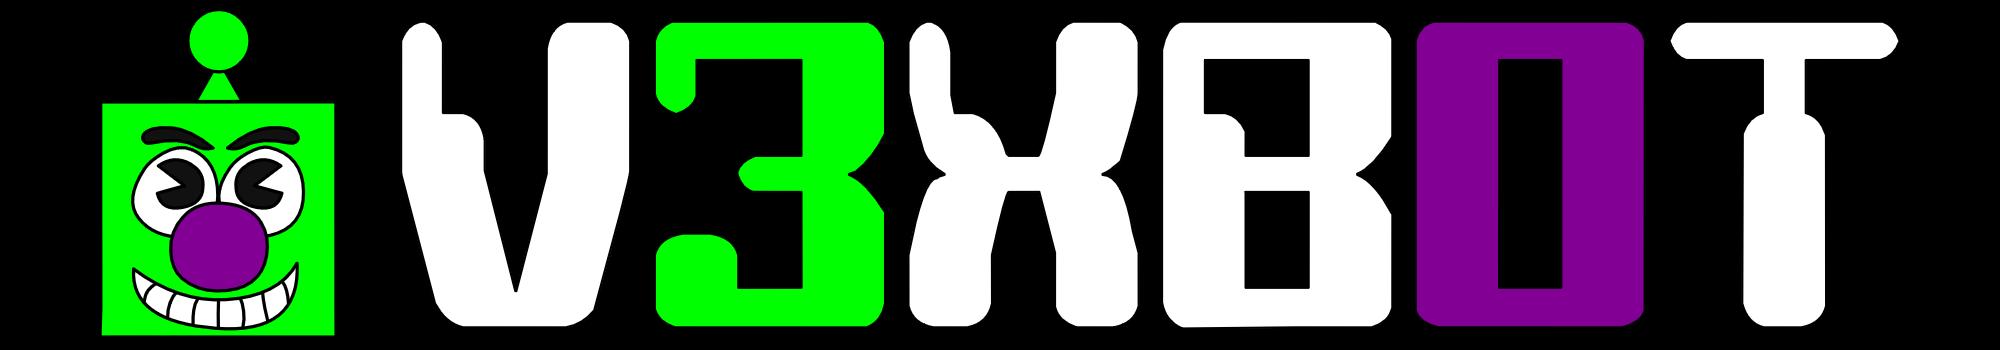 V3XB0T Banner